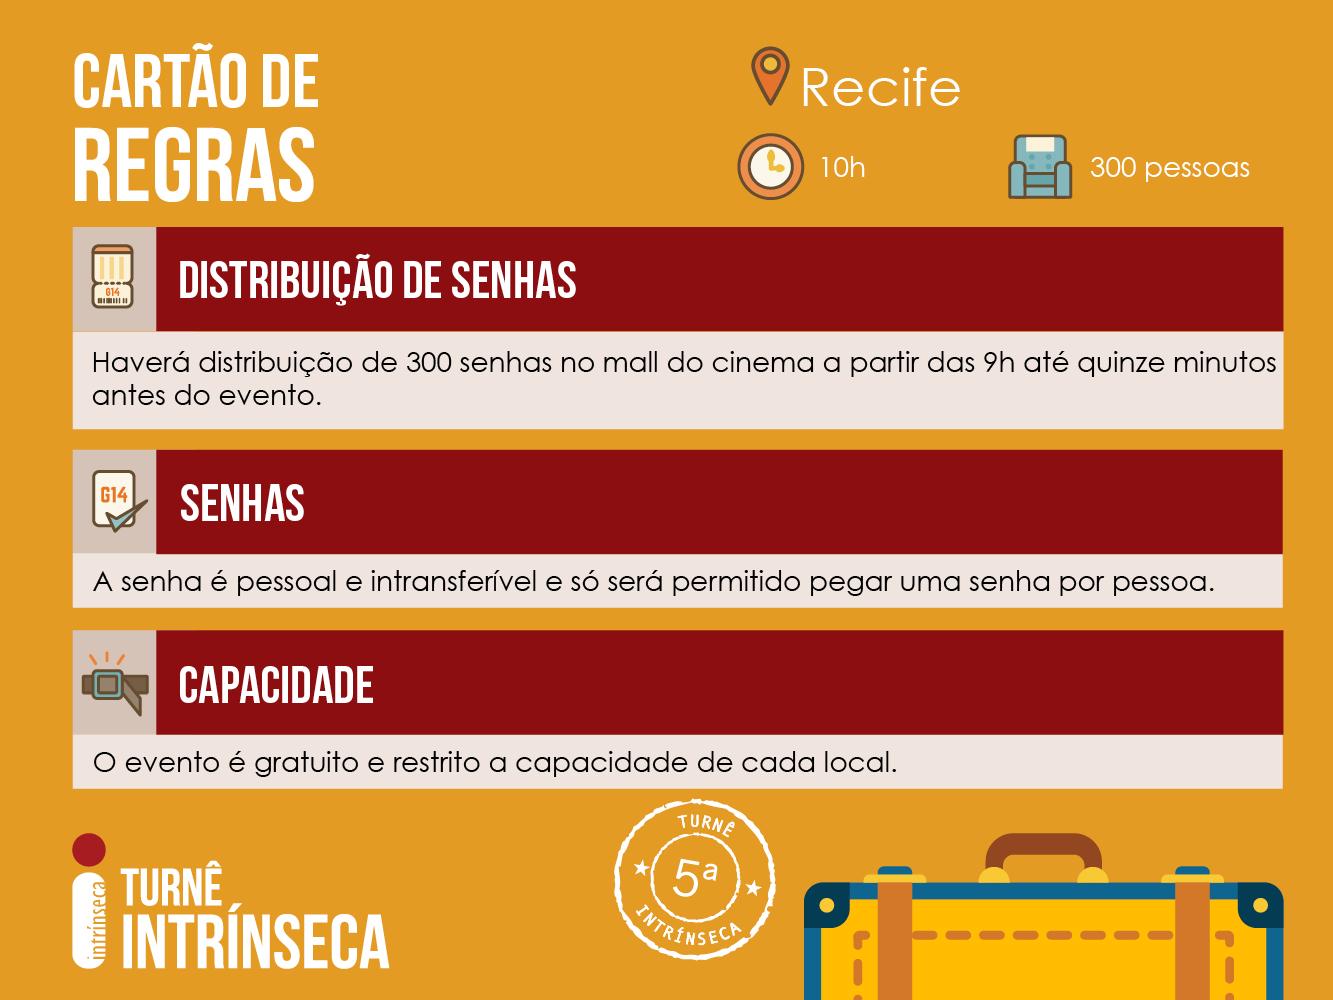 Regras_5aTurne_Recife